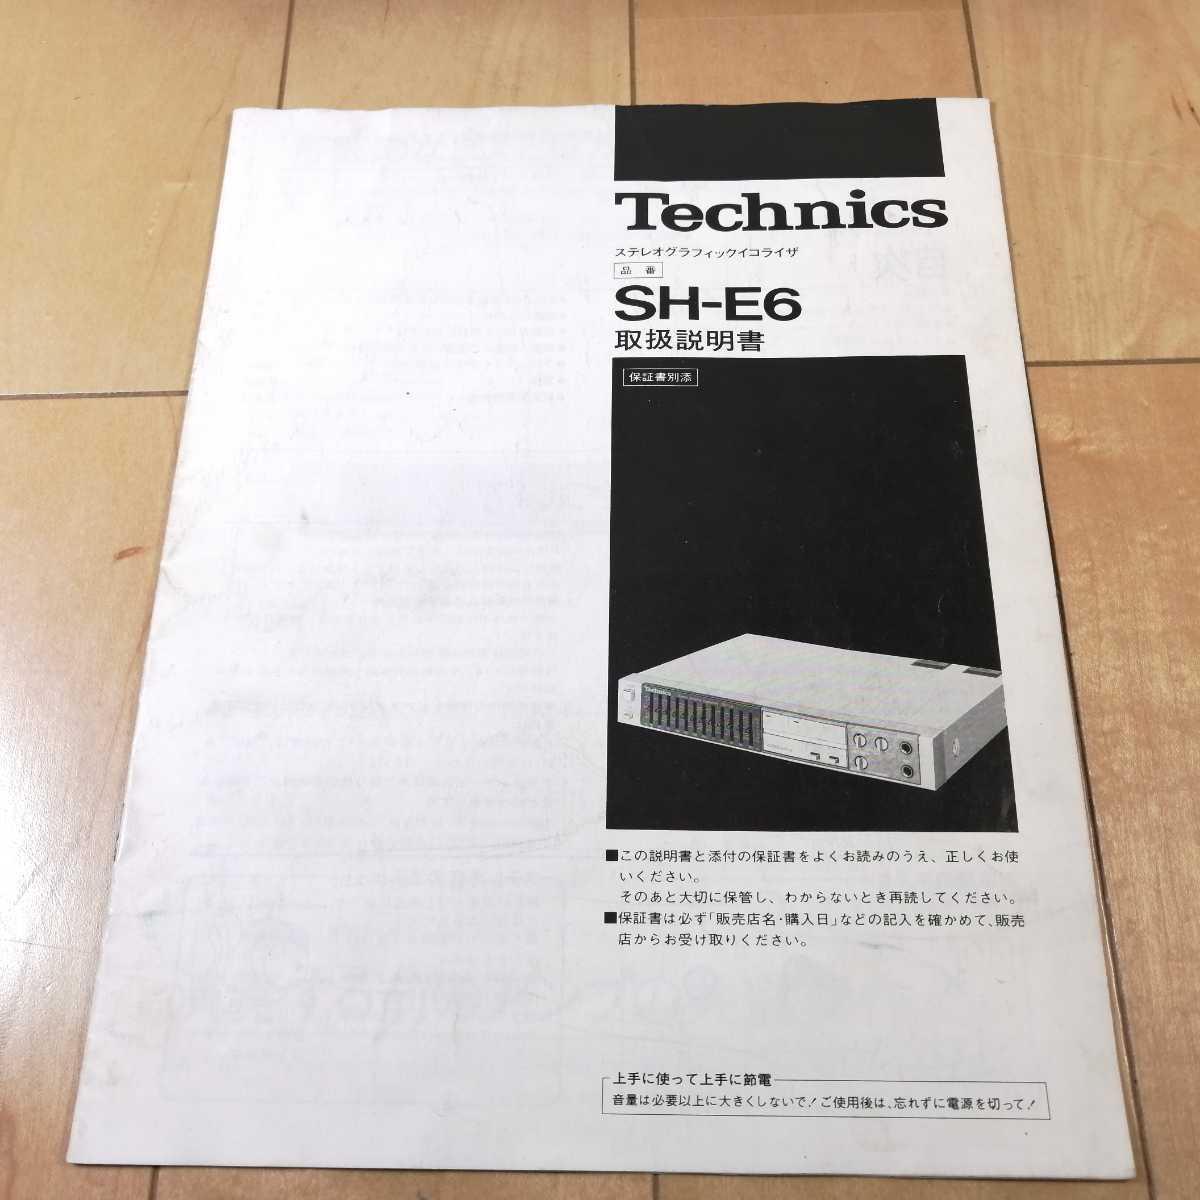 美品!! Technics テクニクス ステレオグラフィックイコライザー SH-E6 通電確認済!!_画像9